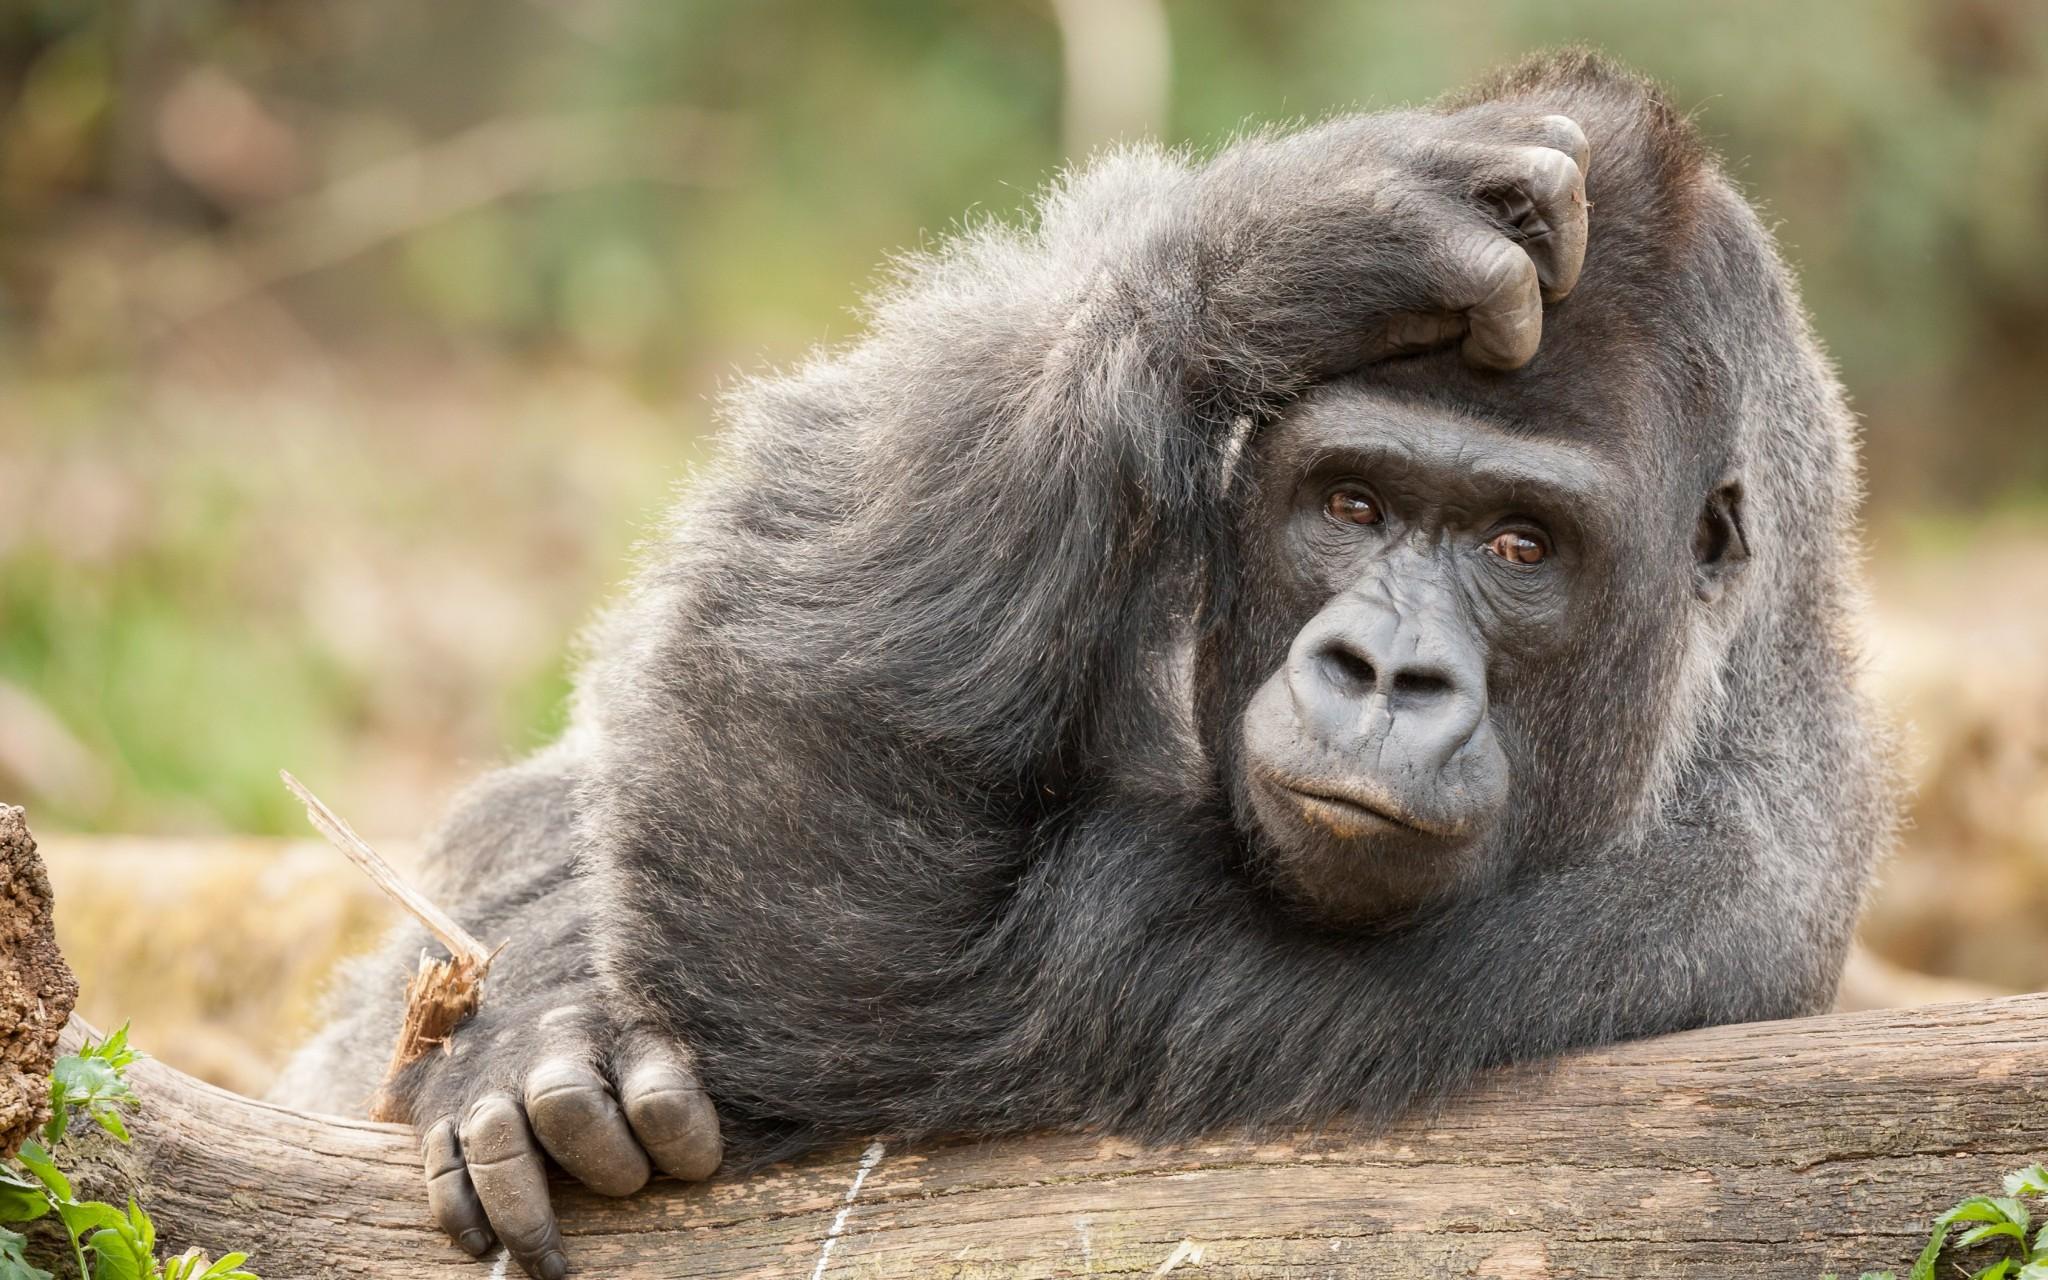 обезьяна задумалась